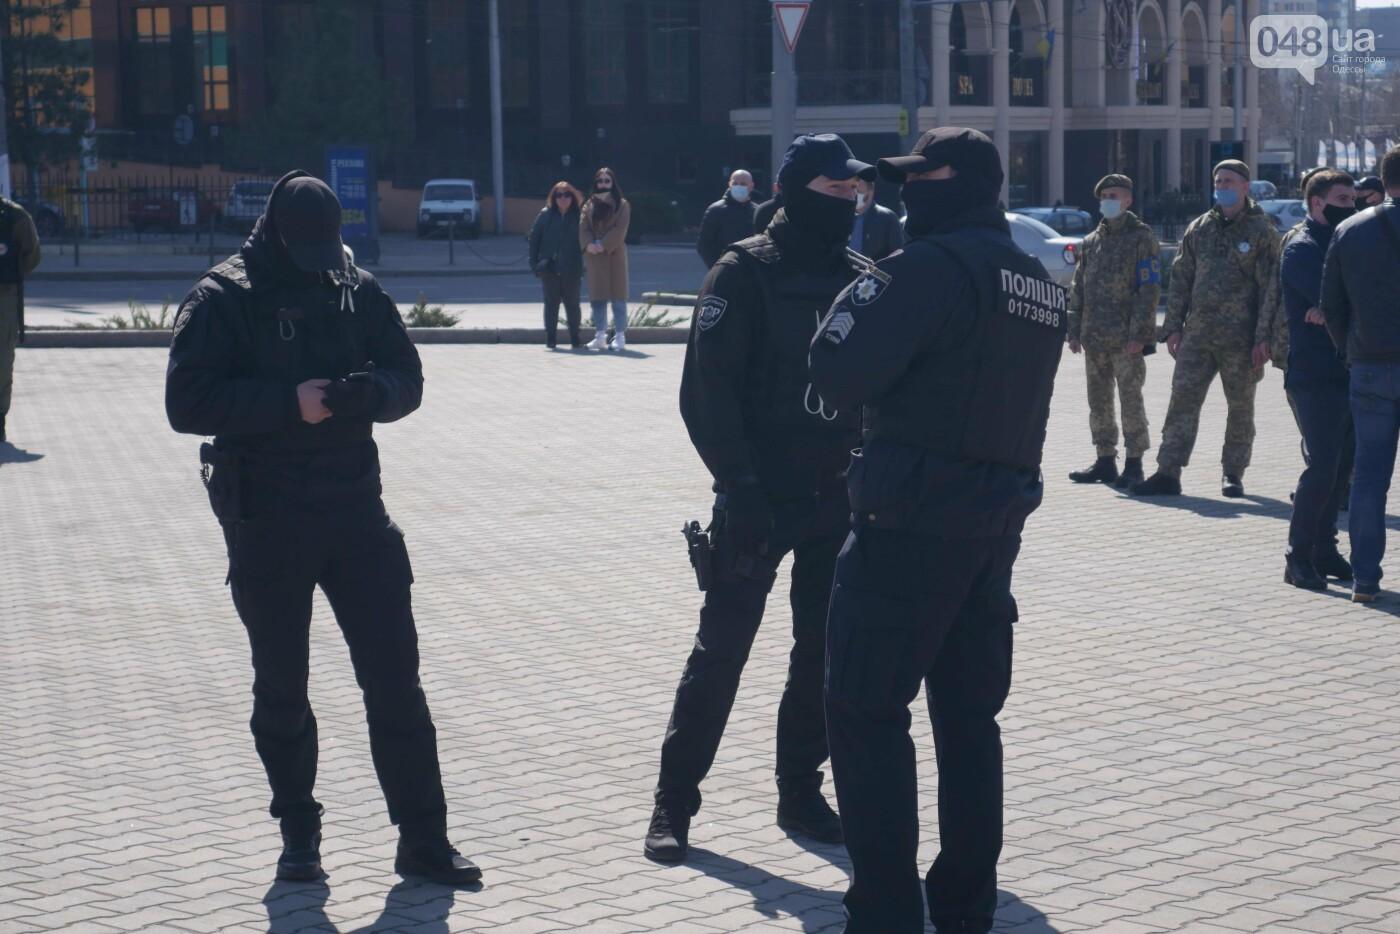 В Одессе во время акции протеста задержали троих человек, - ФОТО, ВИДЕО, фото-6